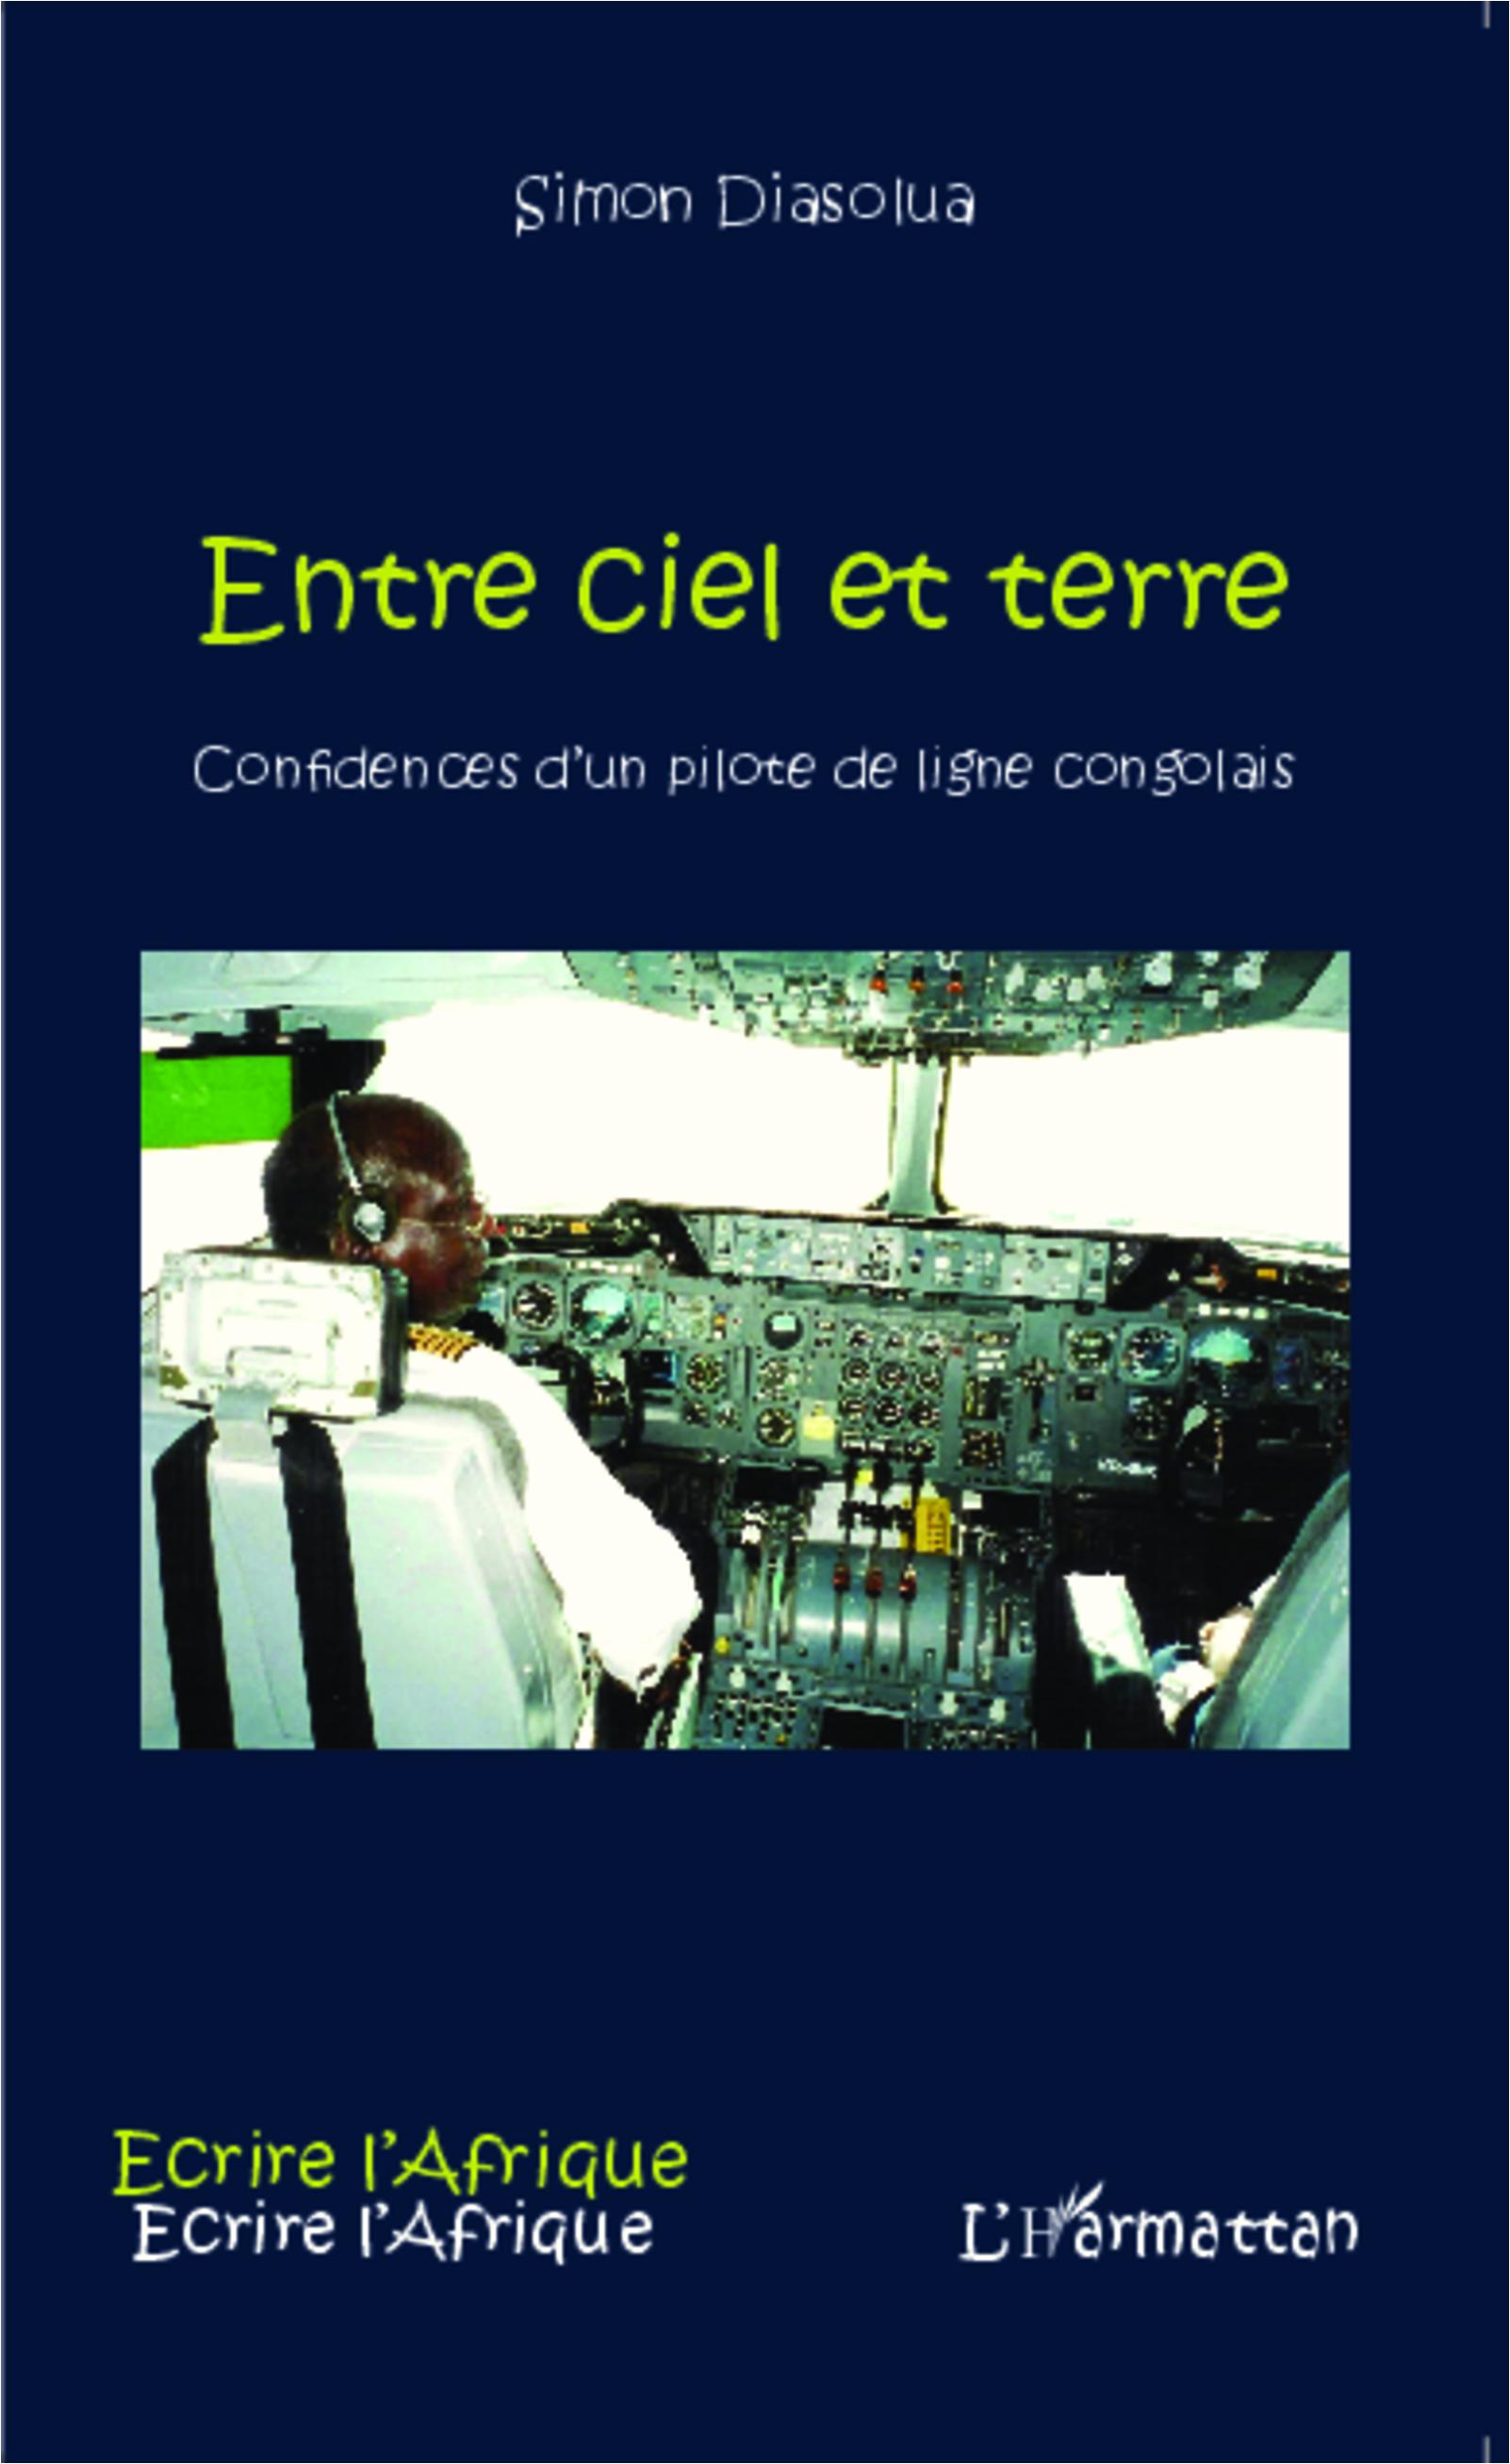 cd0f407840a ENTRE CIEL ET TERRE - Confidences d un pilote de ligne congolais ...